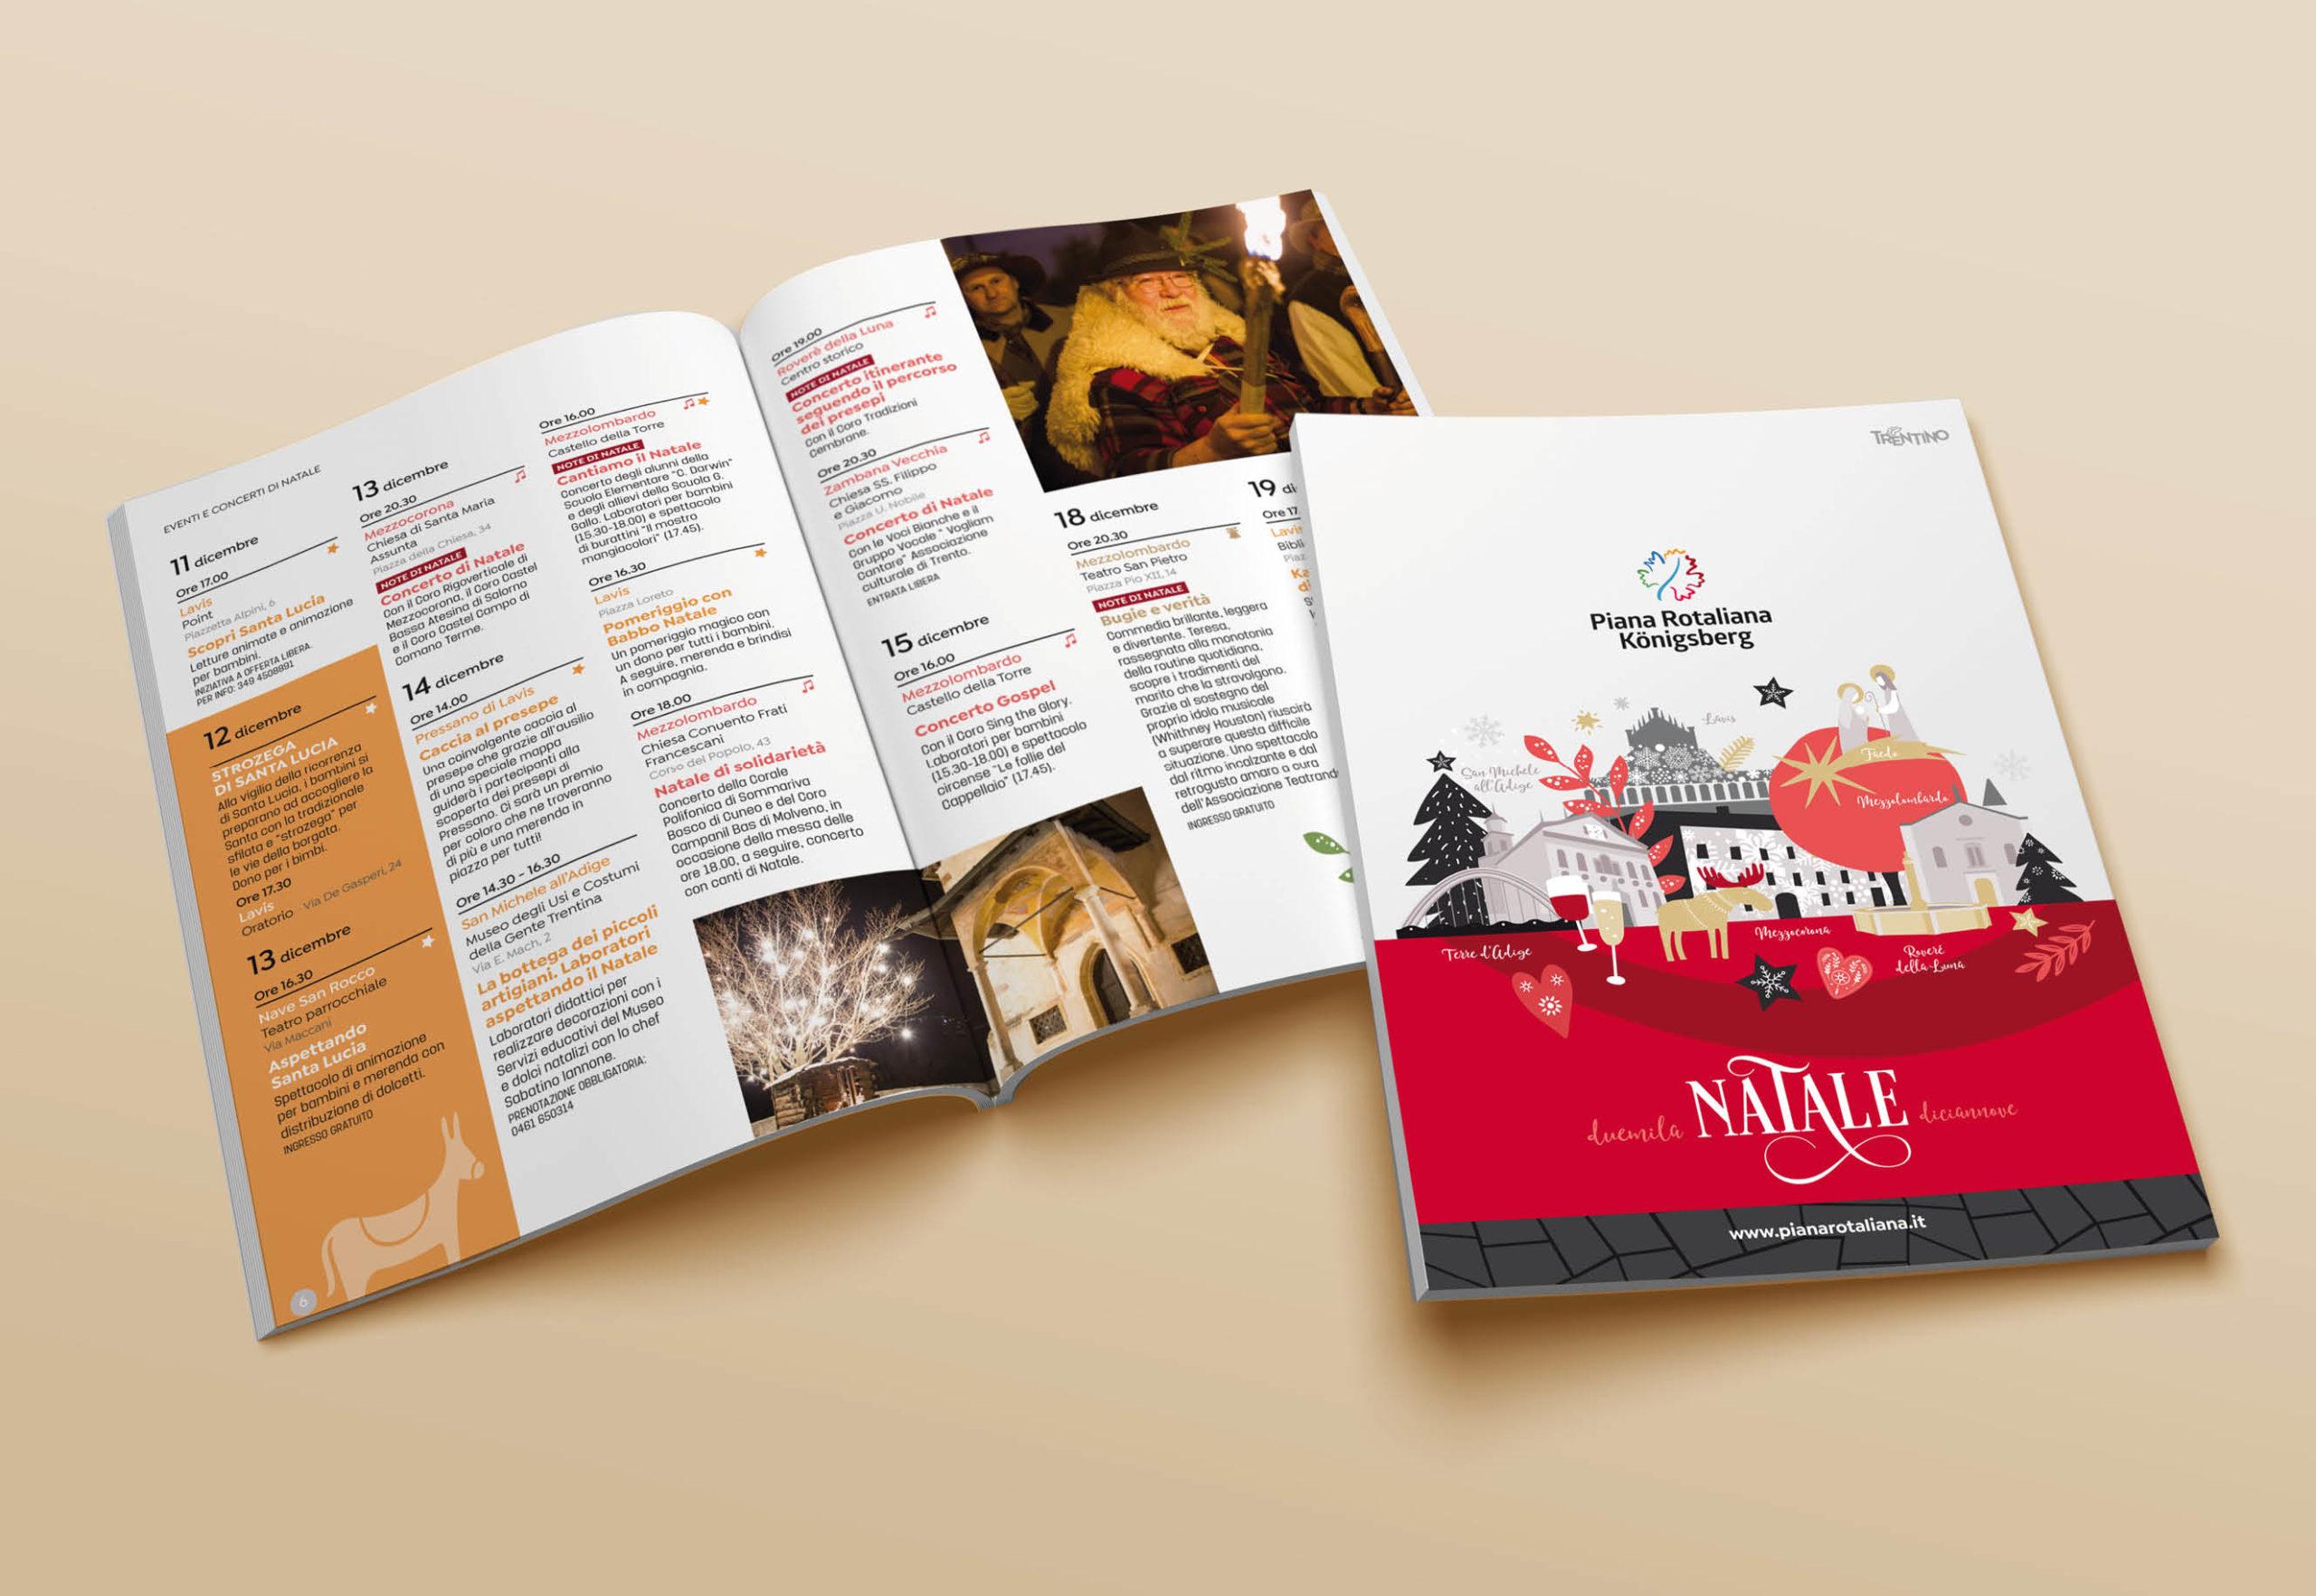 Depliant Natale Piana Rotaliana – Trentino_02